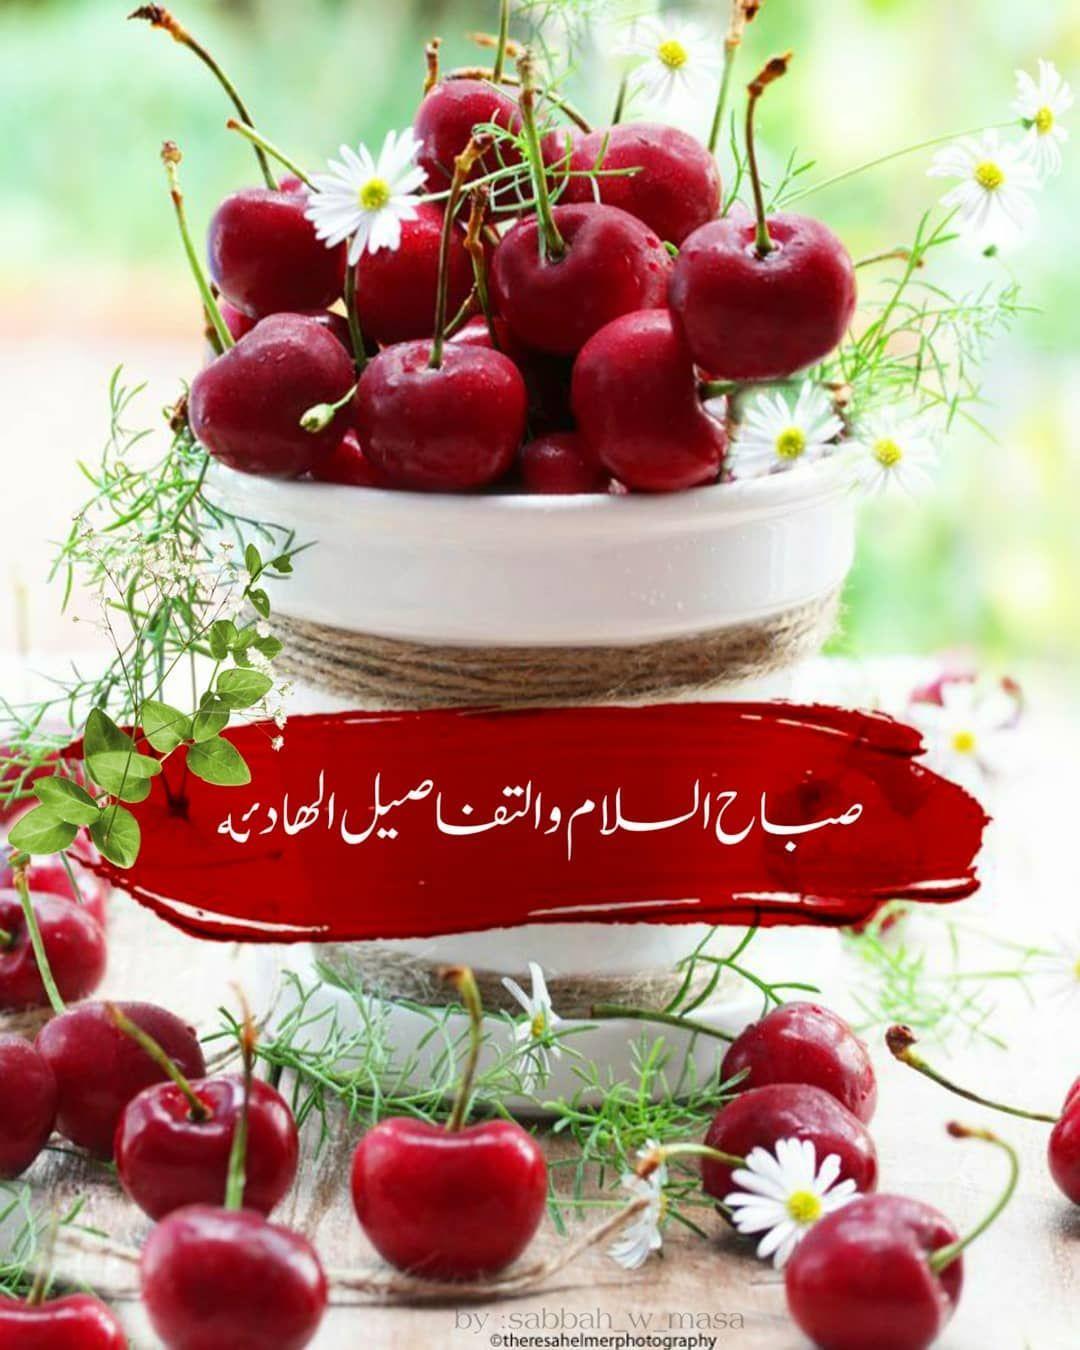 صبح و مساء On Instagram ص باح الخي ر صباح الورد Good Morning Images Flowers Good Morning Images Morning Images